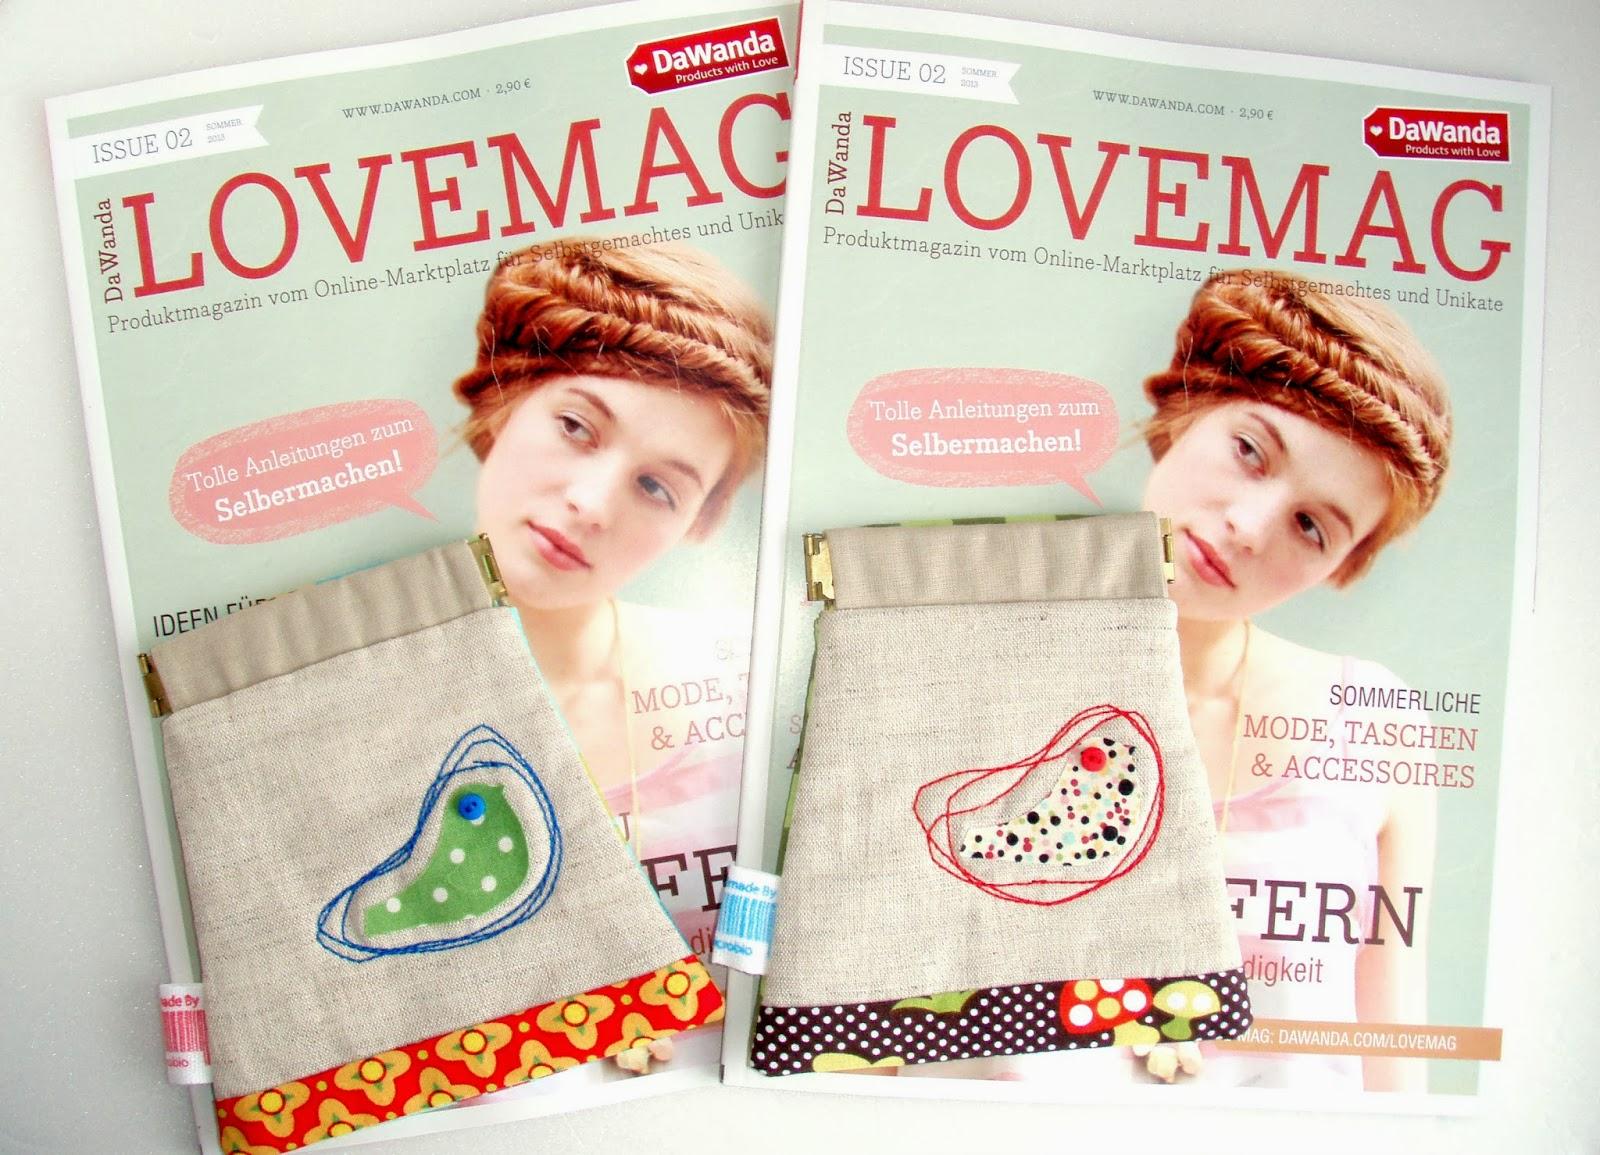 Sorteio DaWanda LOVEMAG 02 + carteira by microbio/GIVEAWAY DaWanda LOVEMAG 02 + microbio pouch